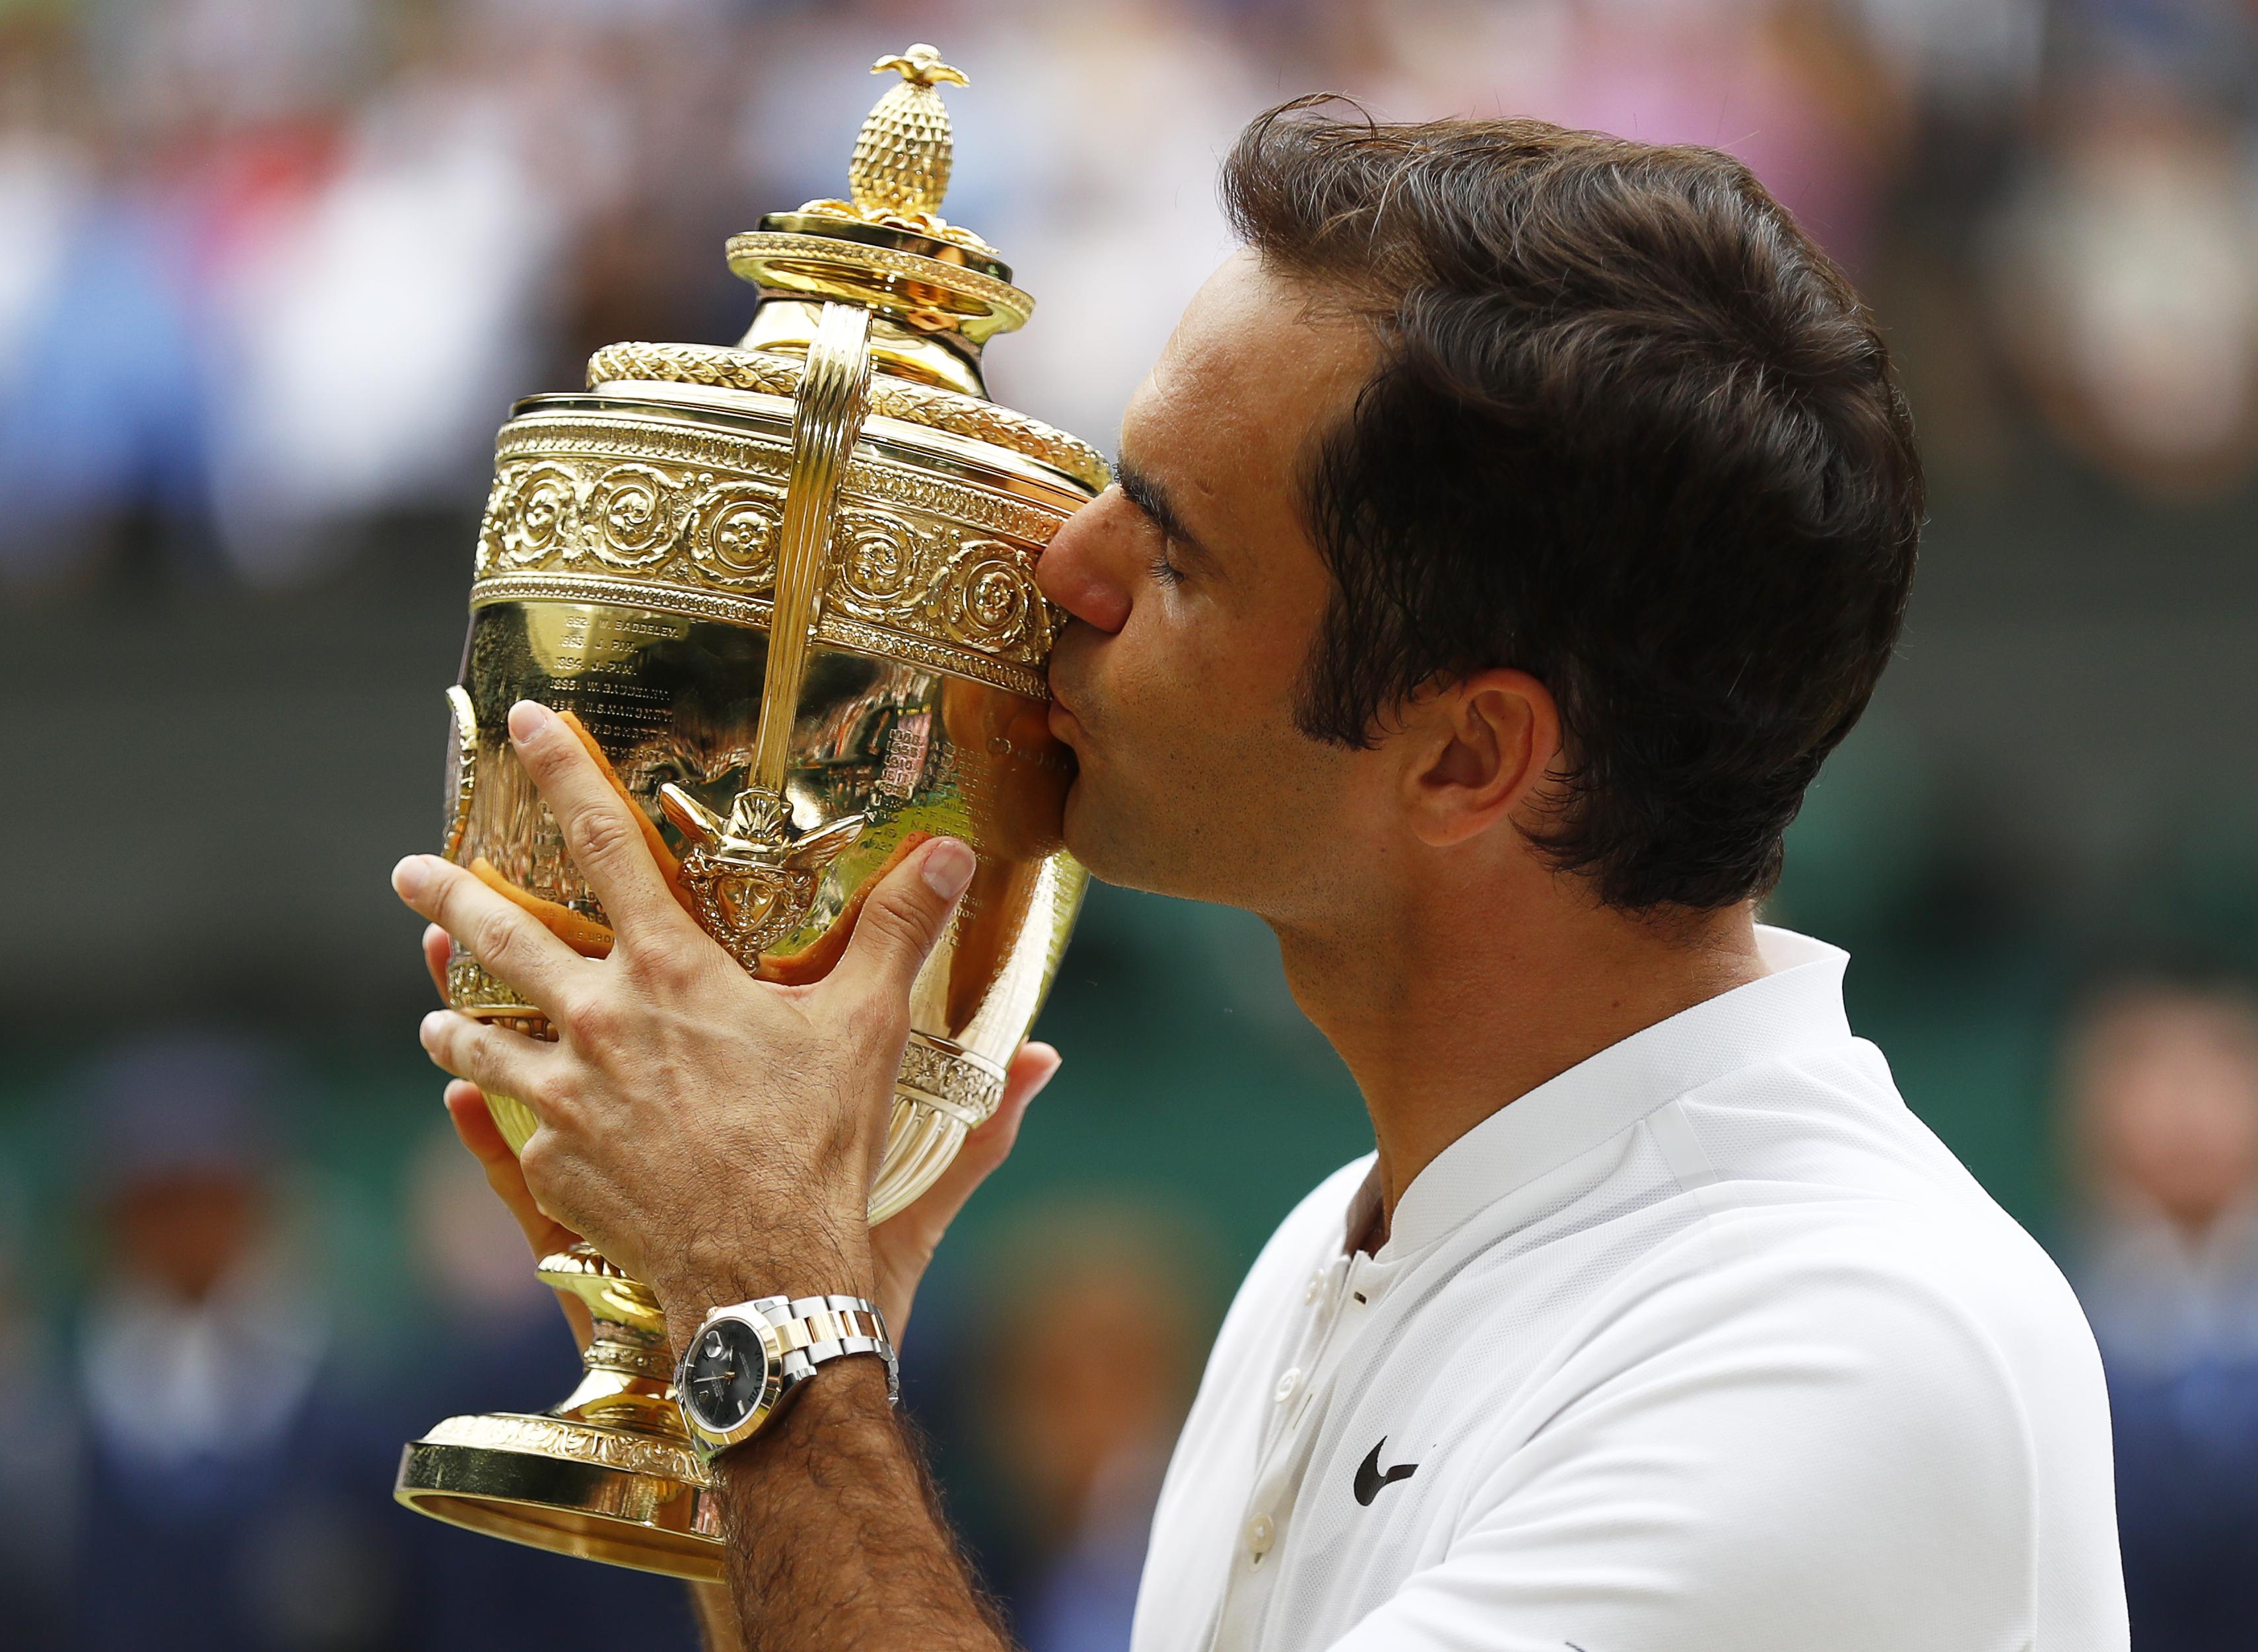 Roger Federer sărută trofeul cucerit la Wimbledon 2017. (FOTO: EPA)